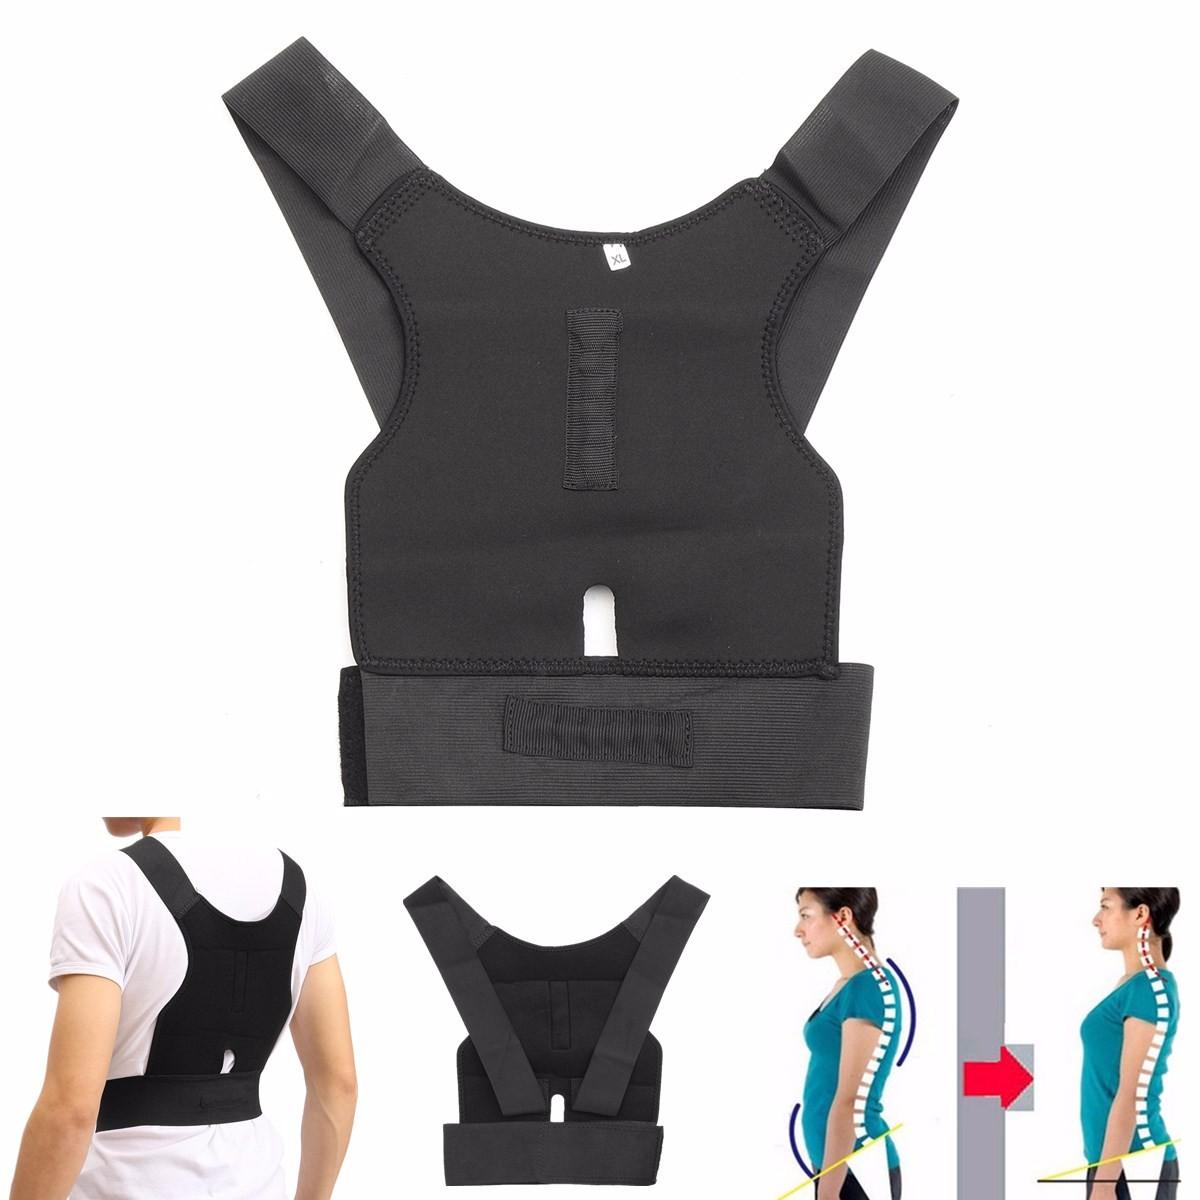 Buy Adjustable Back Support Posture Corrector Belt Shoulder Lumbar Brace